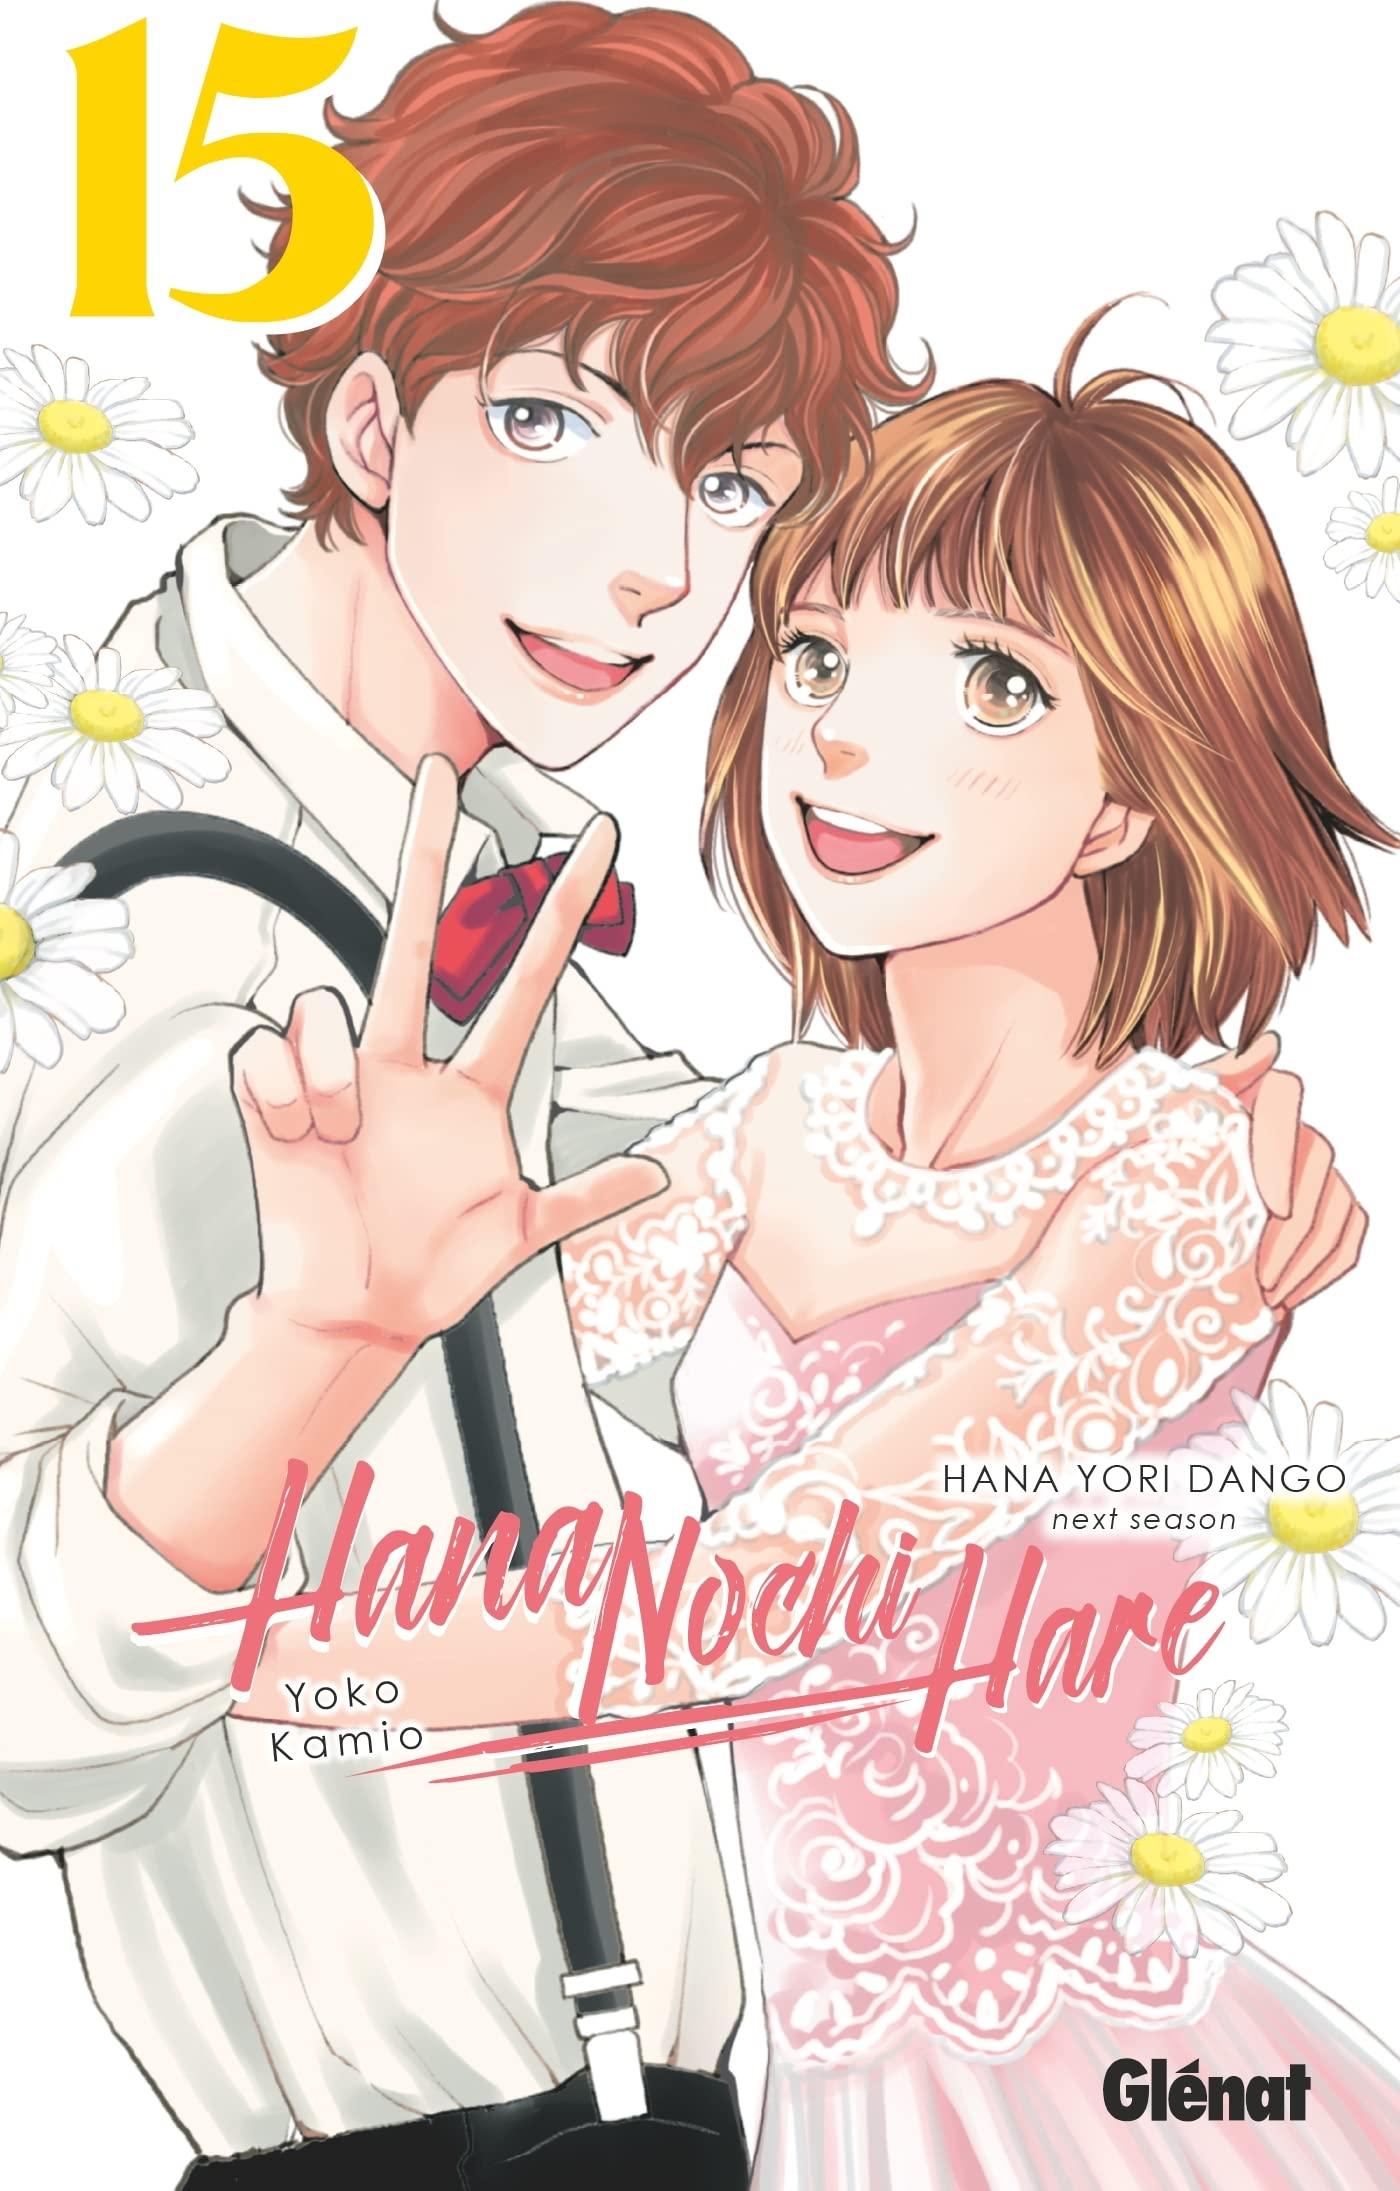 Hana nochi hare - Hana yori dango next season 15